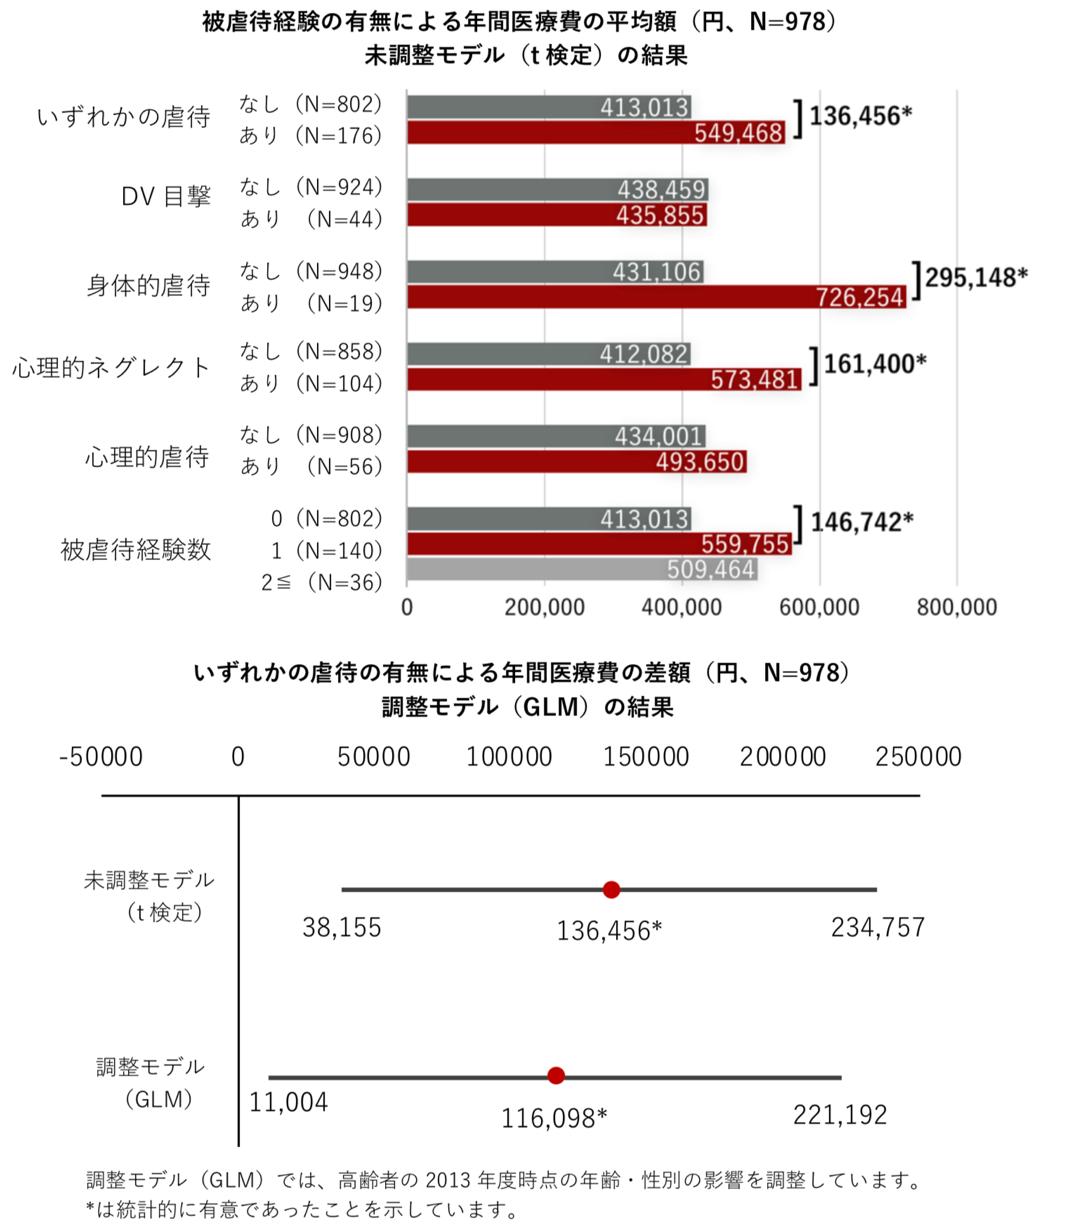 論文出版:幼少期に虐待を受けた高齢者は年間医療費が11万円高い